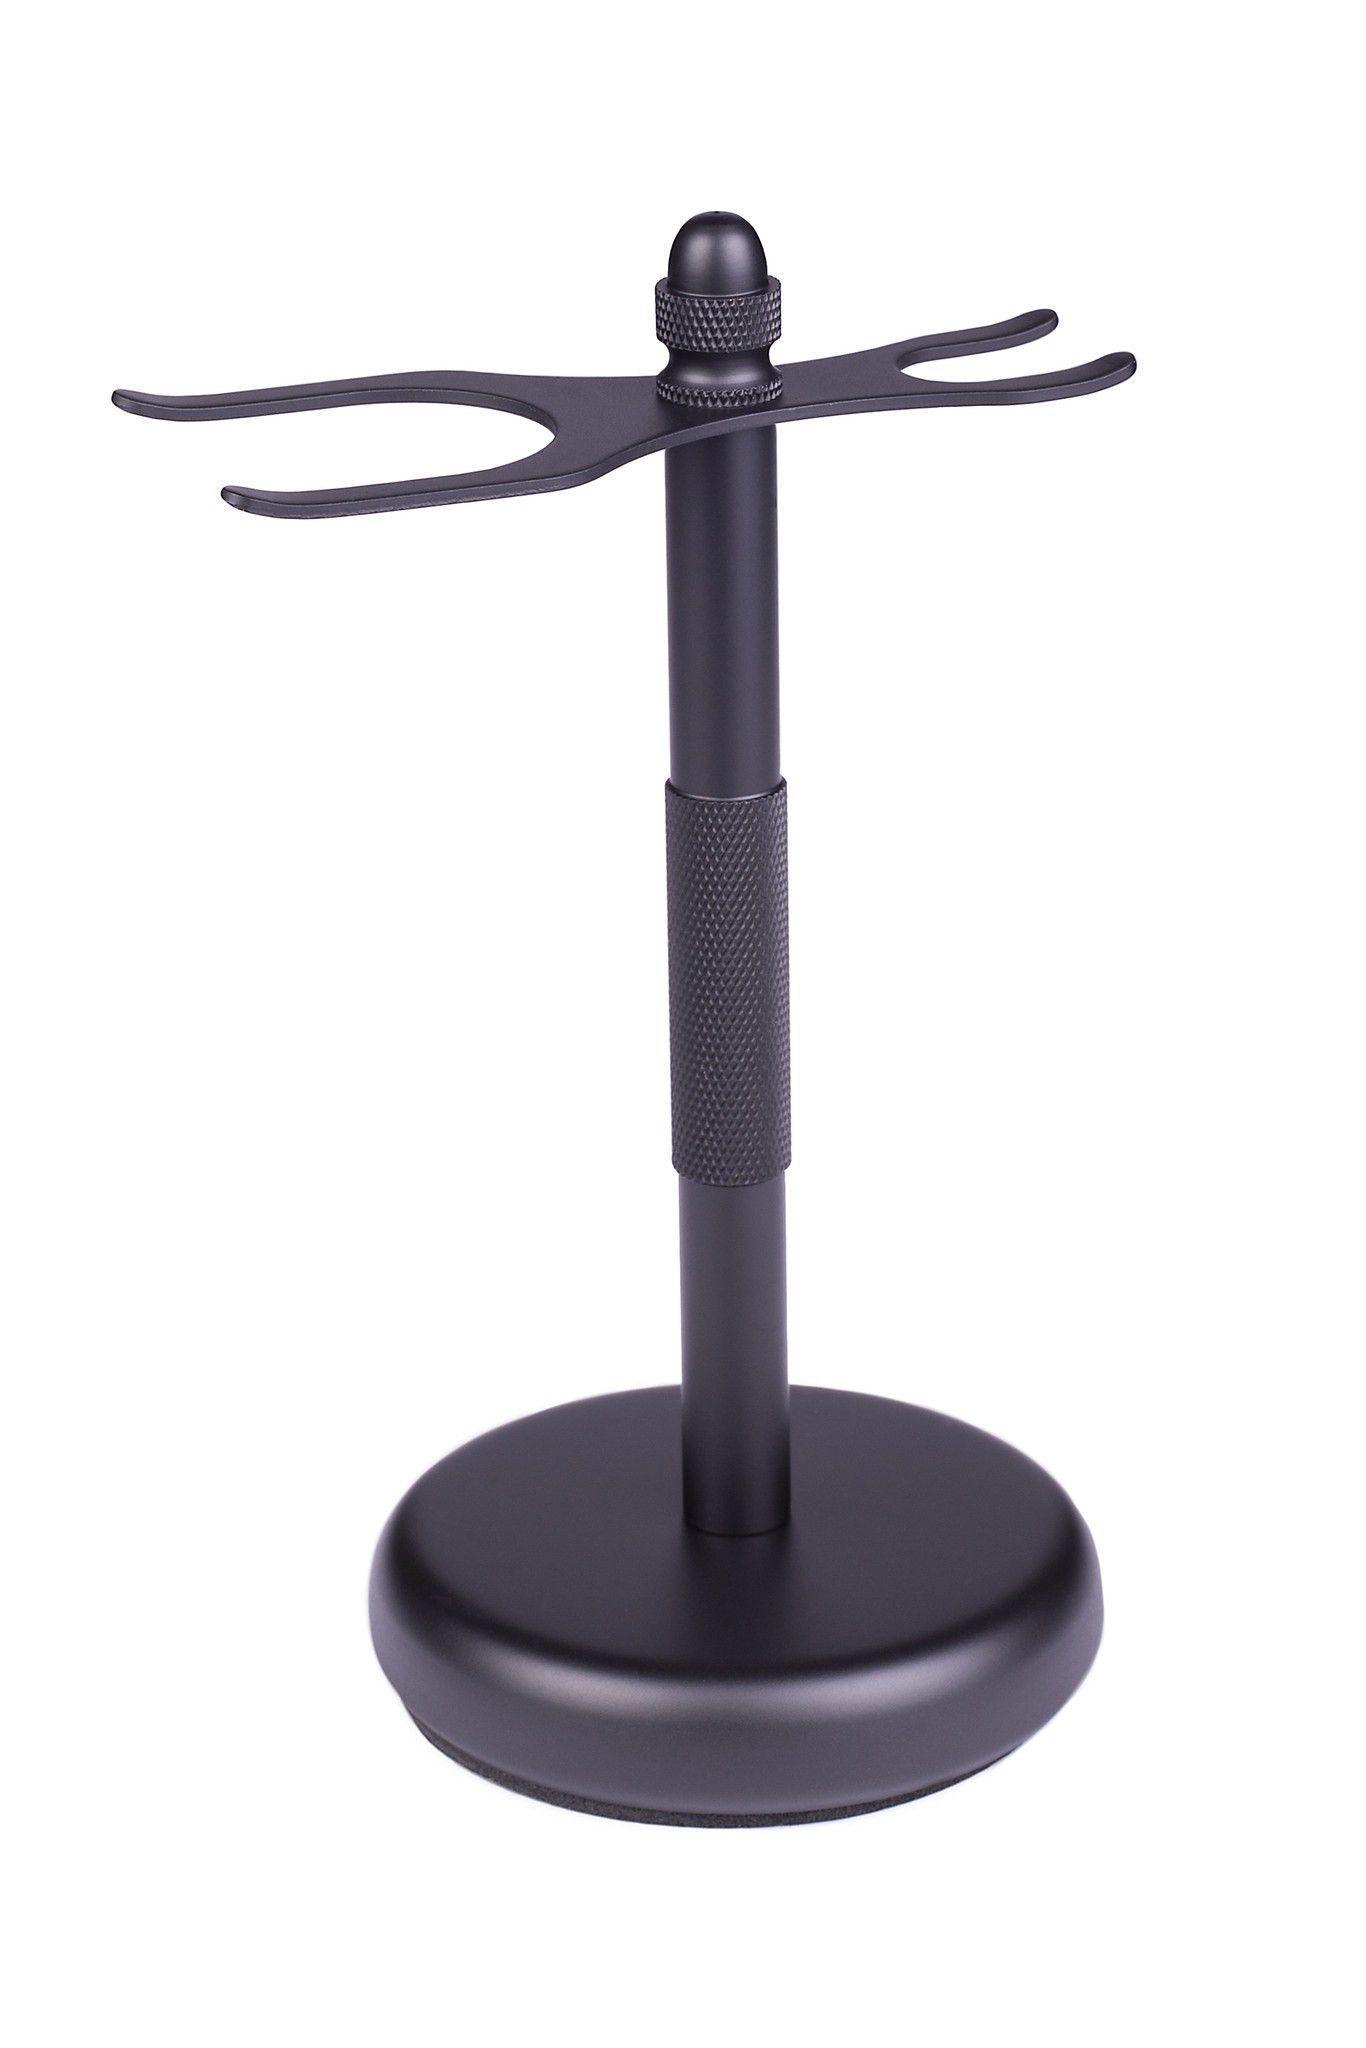 Shaving Stand, Black, For Standard Shaving Brush